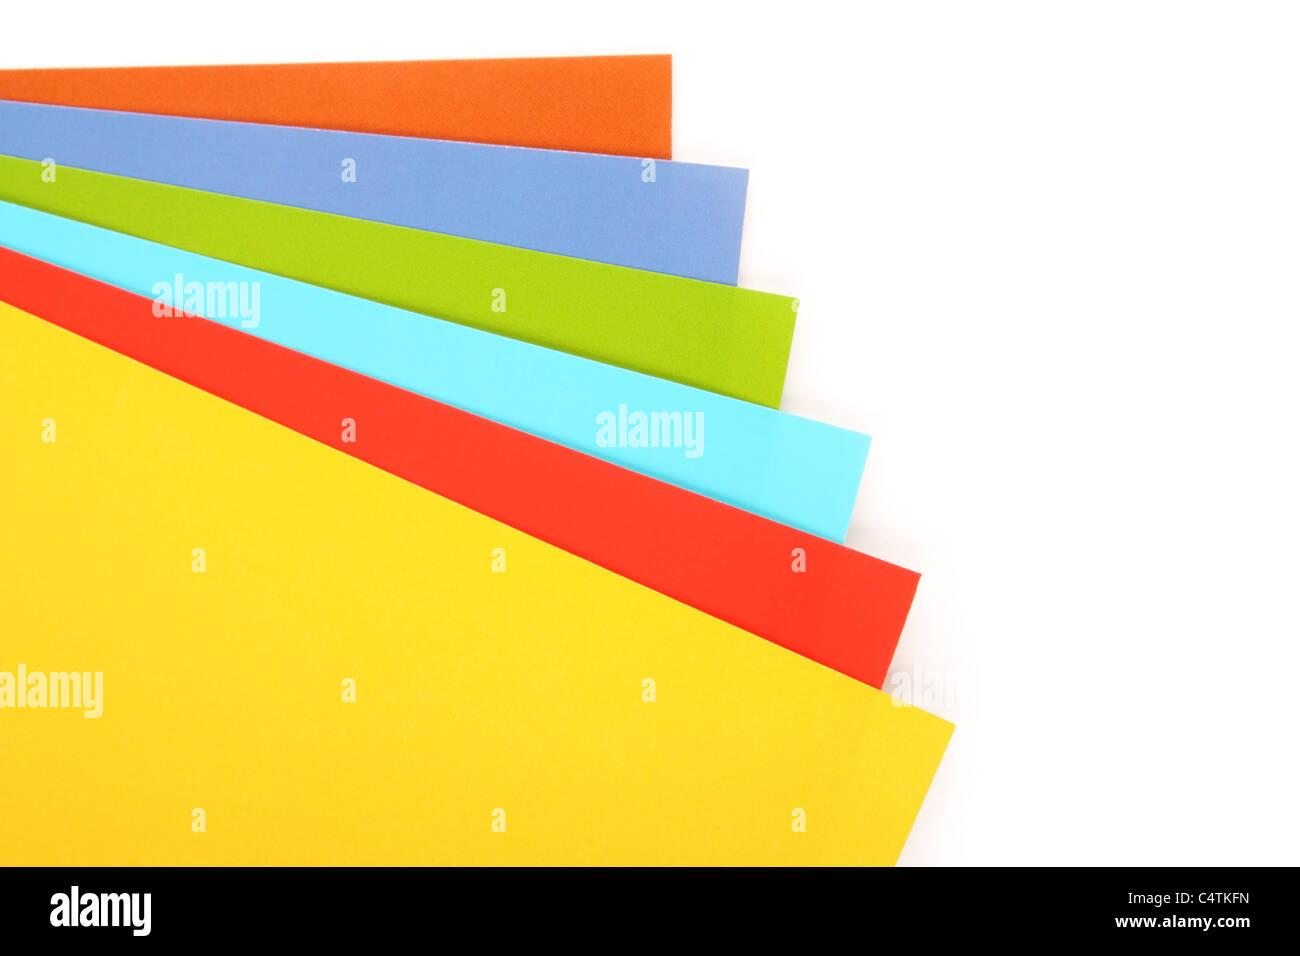 Multi-colored paper - Stock Image